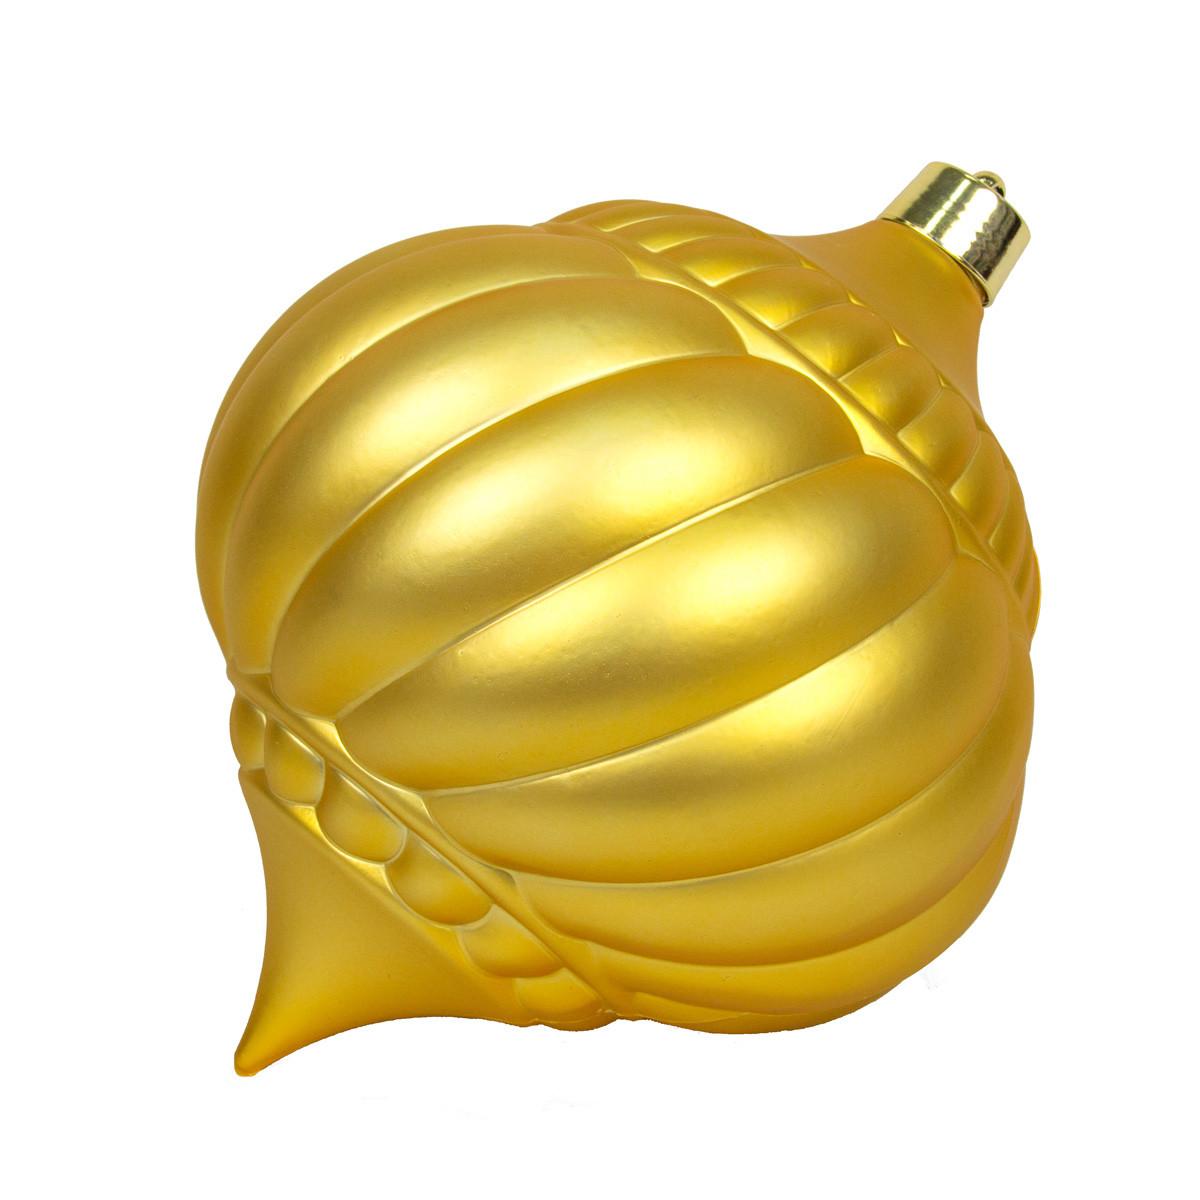 Большая елочная игрушка - тыква, 30 см, золотистый, пластик (890223)